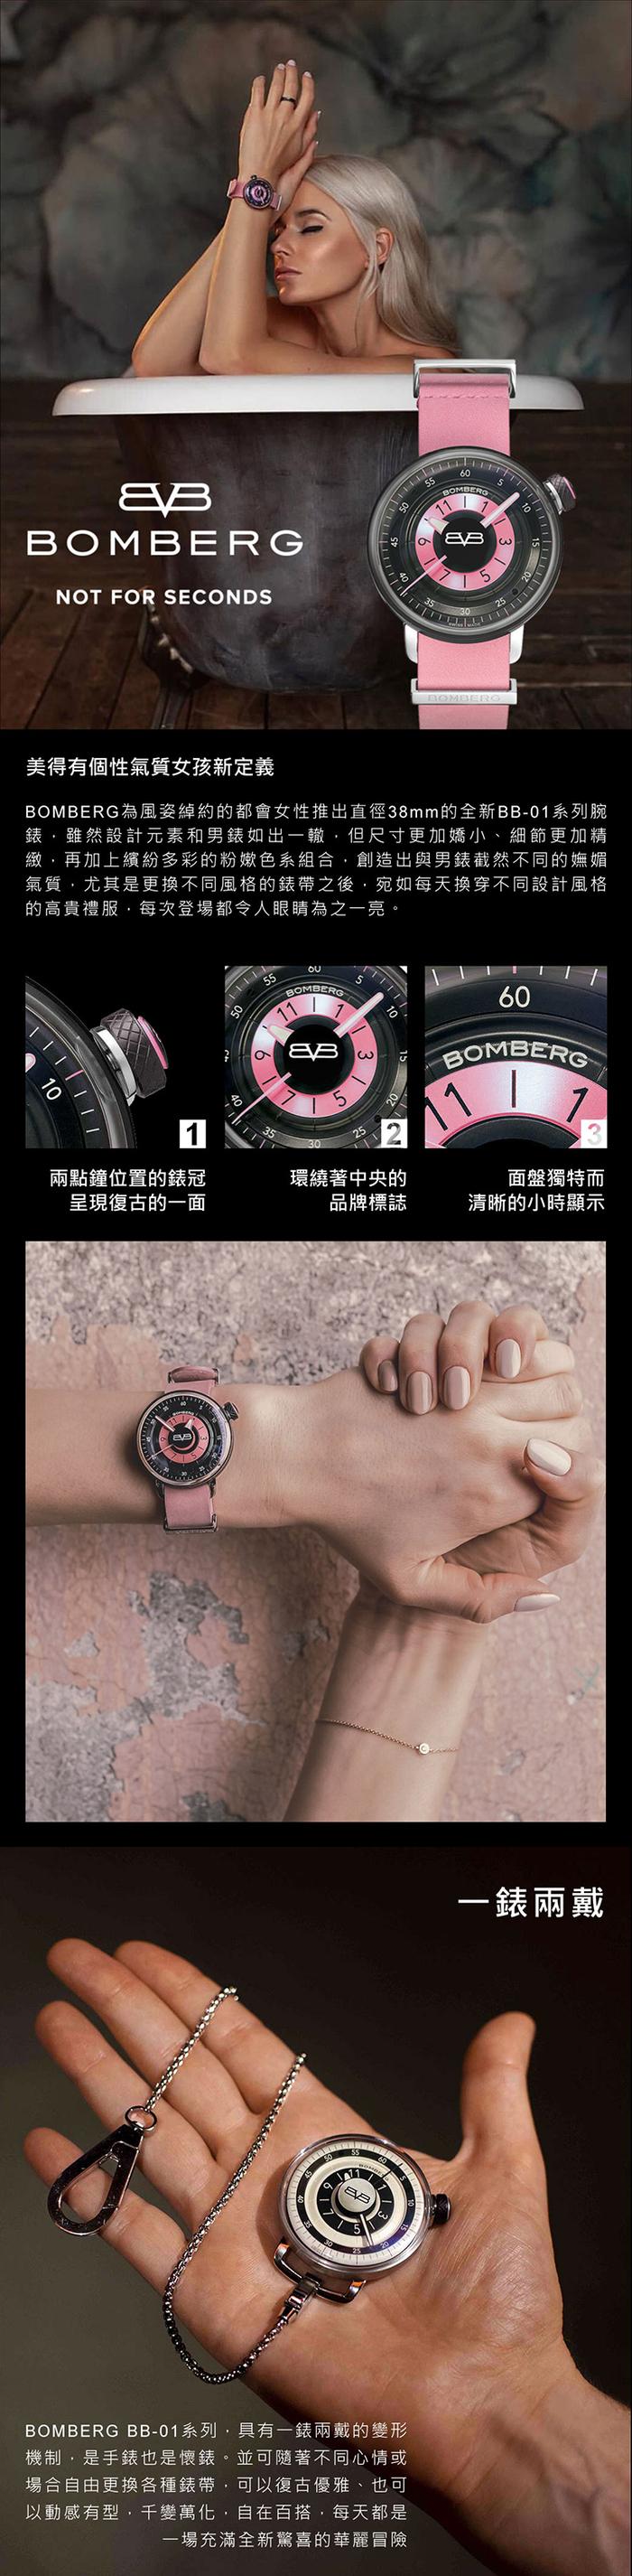 BOMBERG | BB-01 粉紅皮錶帶錶款 | 錶徑 38mm